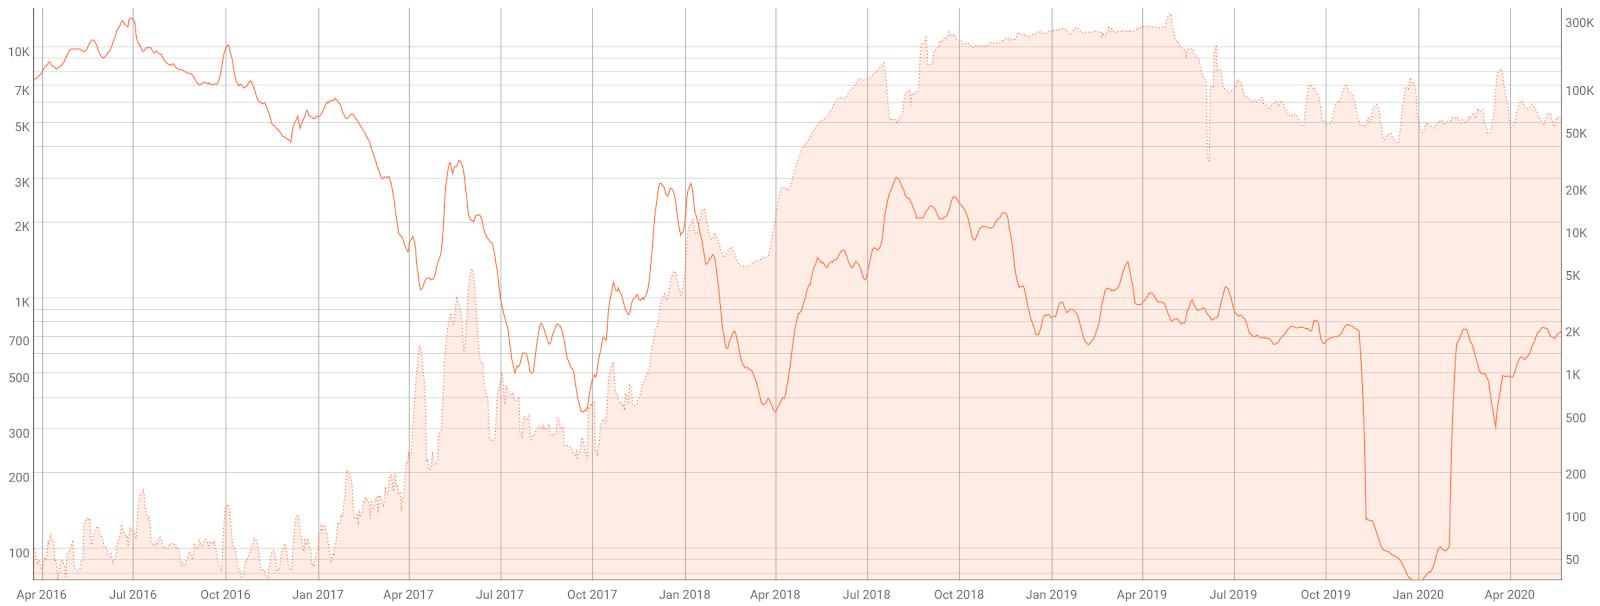 Stellar Price Analysis 25 May 2020 (9)